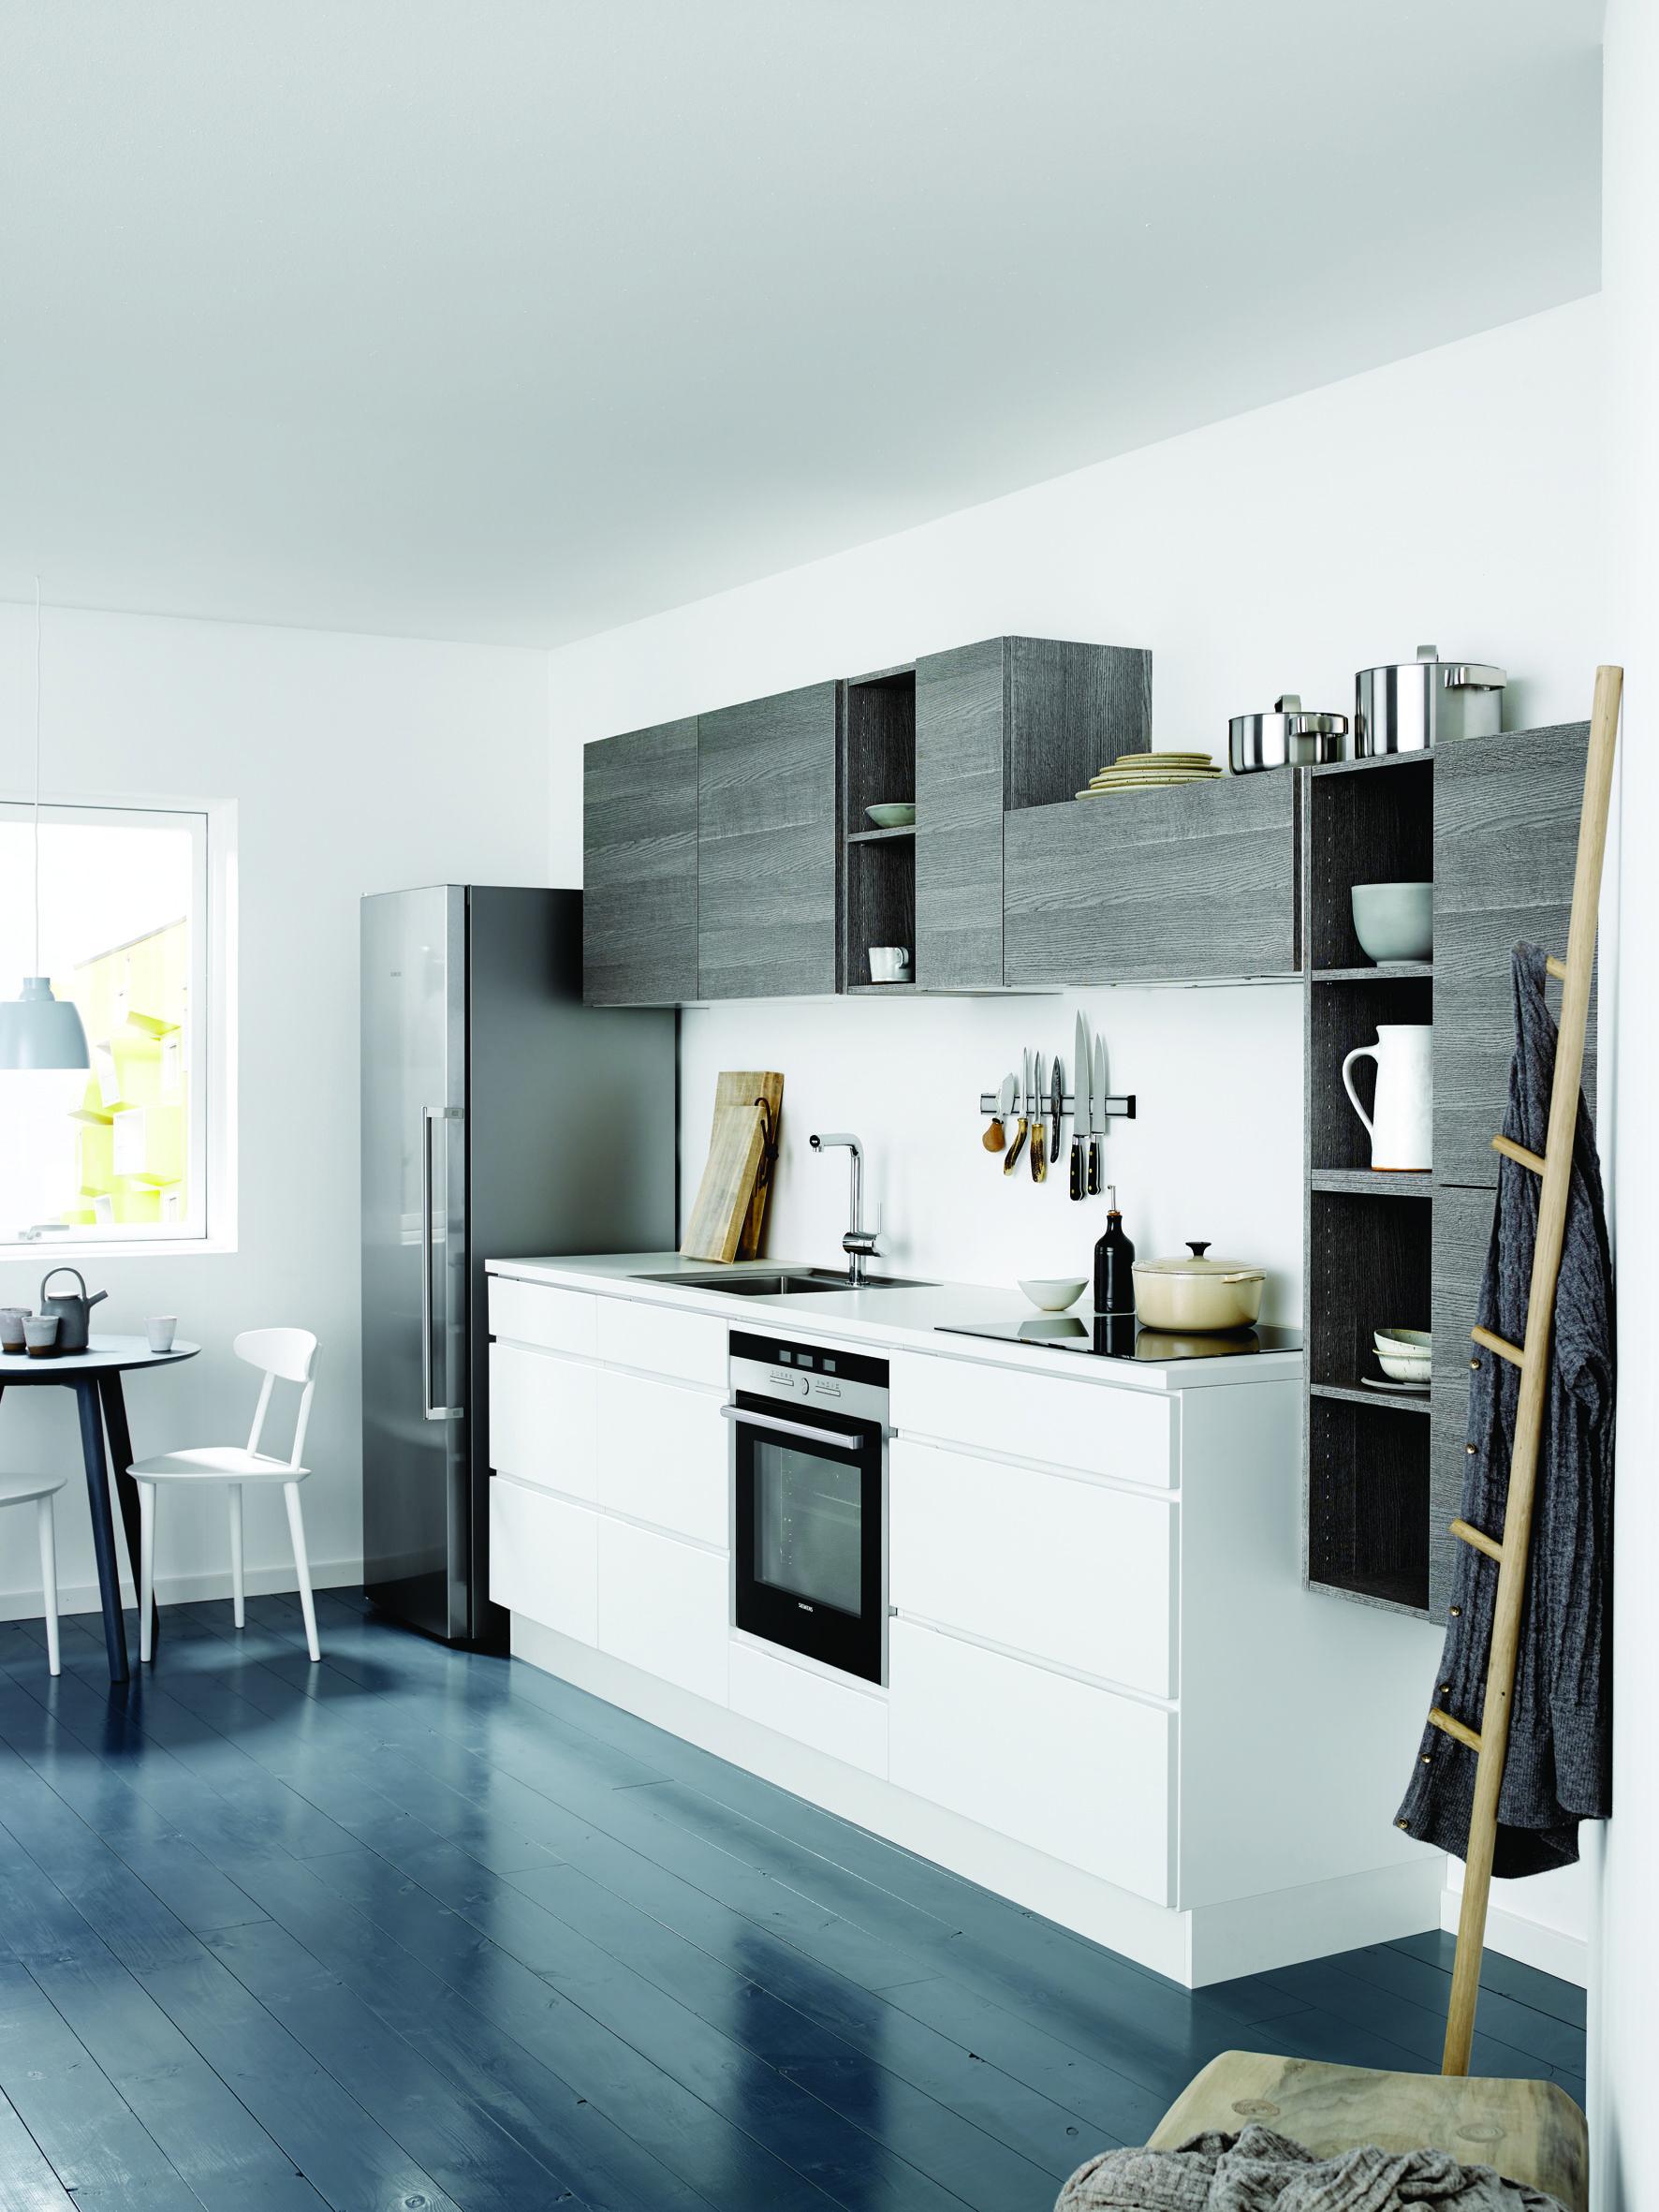 Reforma cocina peque a abierta muebles bajos lacados for Suelo cocina gris antracita